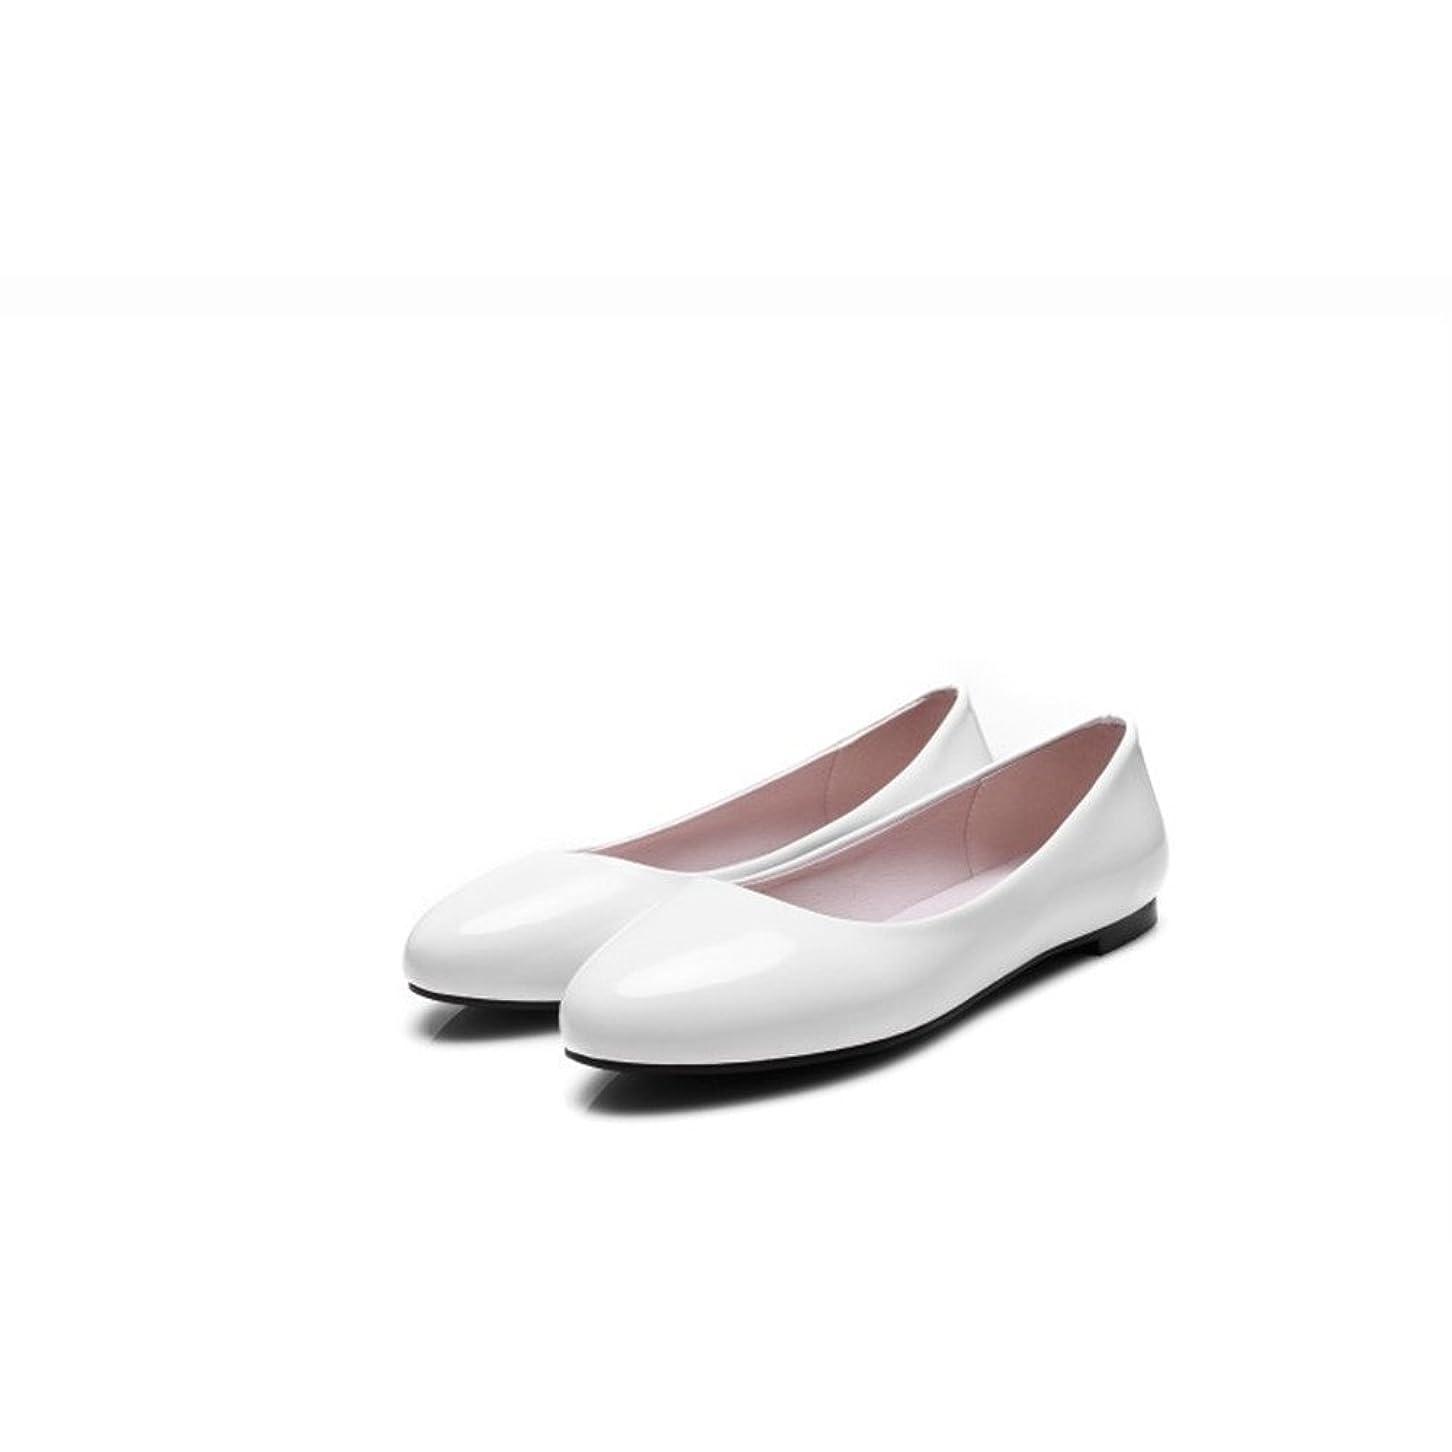 週末アトミック専らCVICVJAPAN シンプルフラットパンプス大きなサイズ浅口ラウンド靴 (28, ホワイト)